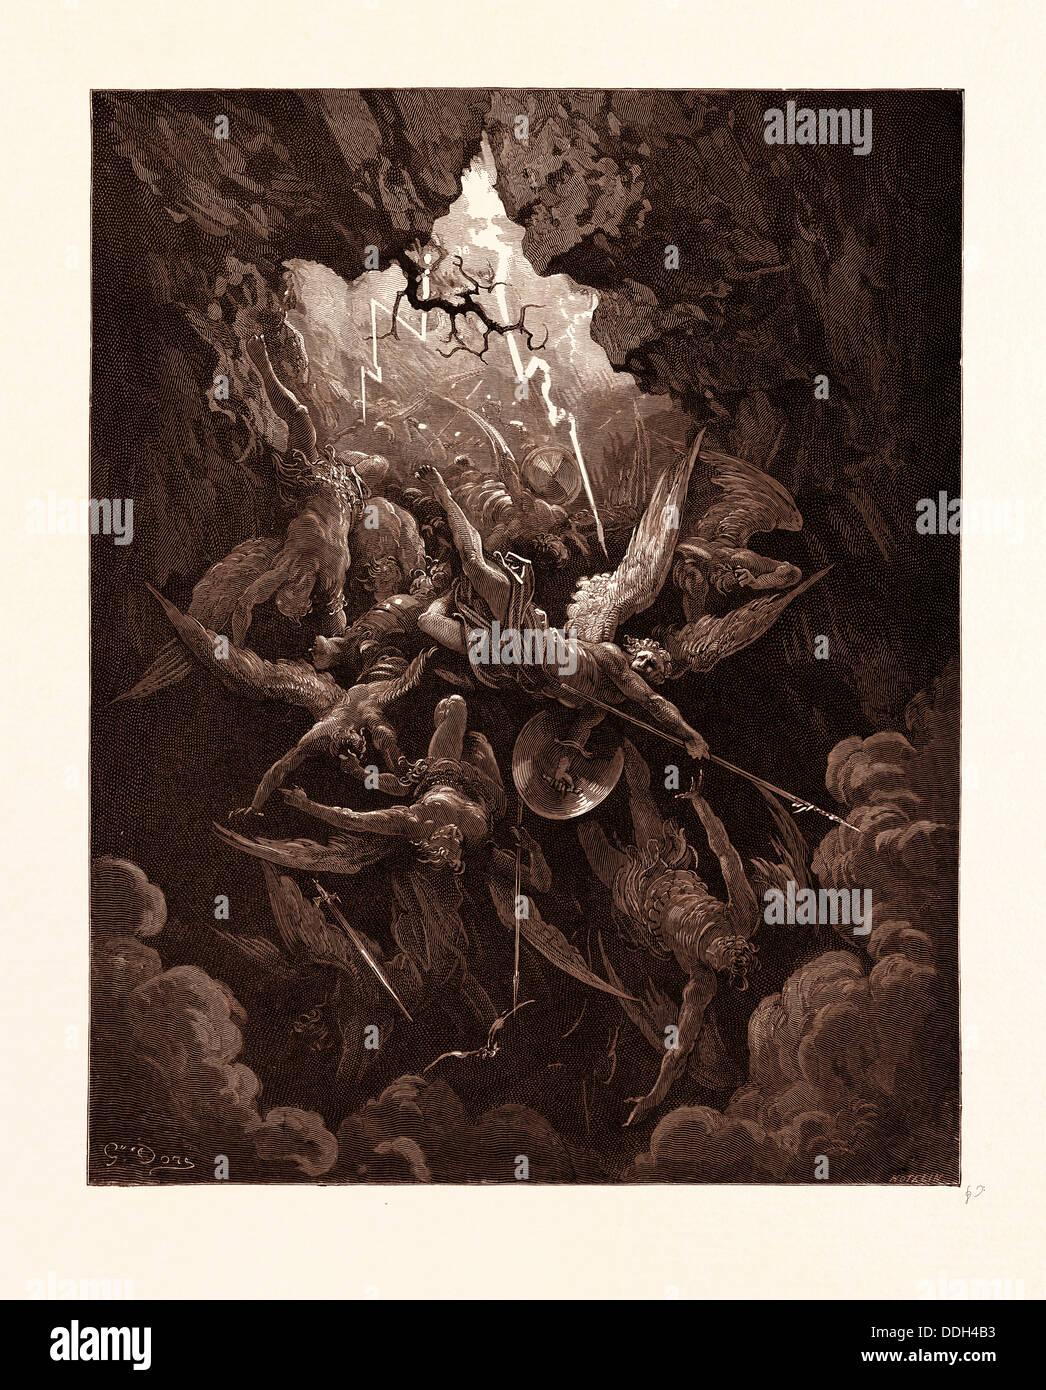 DER Mund der Hölle, von GUSTAVE DORE, 1832-1883, Französisch. Gravur für Paradise Lost von Milton. Stockbild